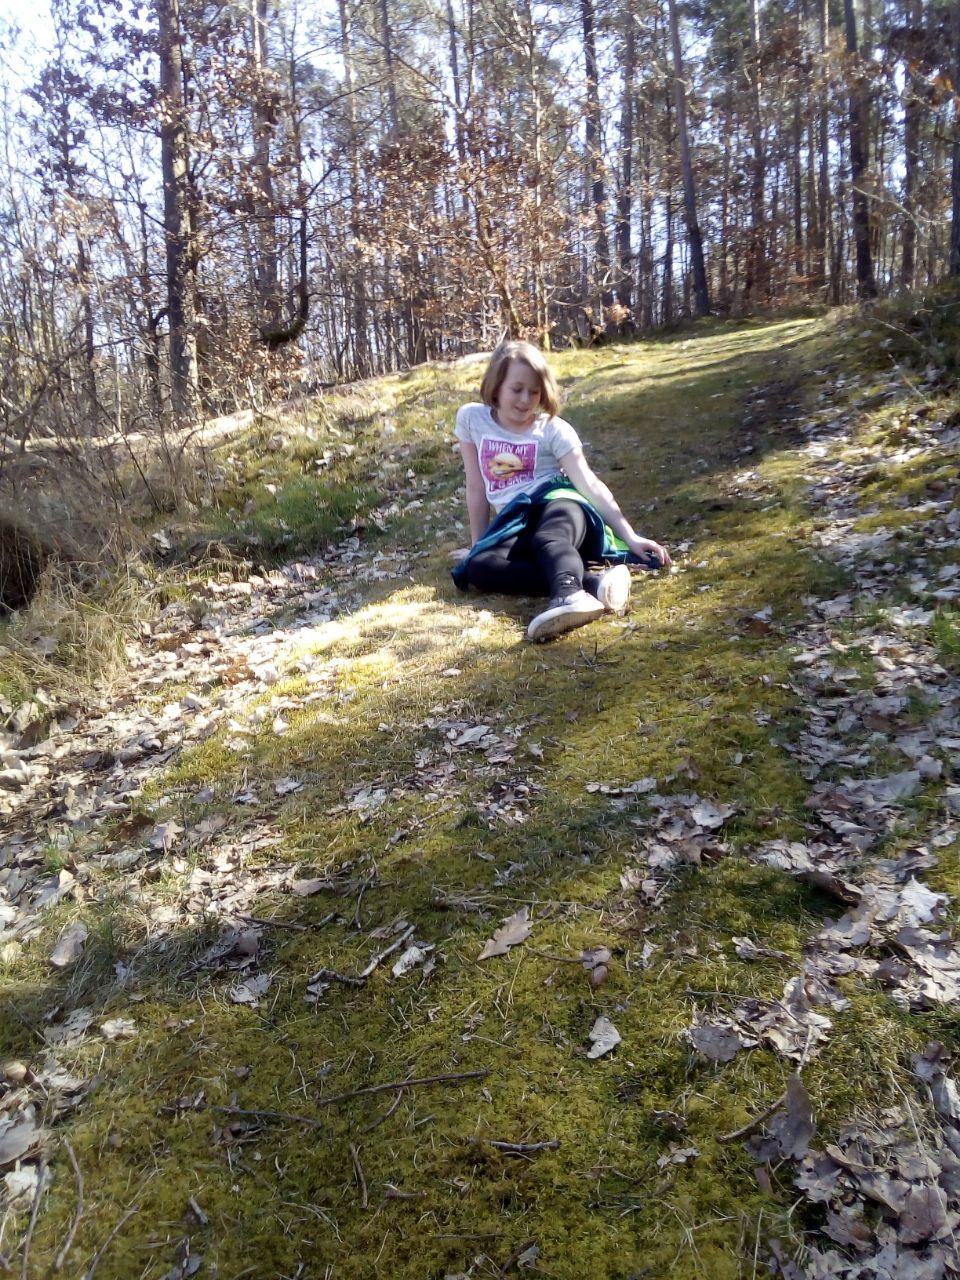 Kleiner Spaziergang im Wald